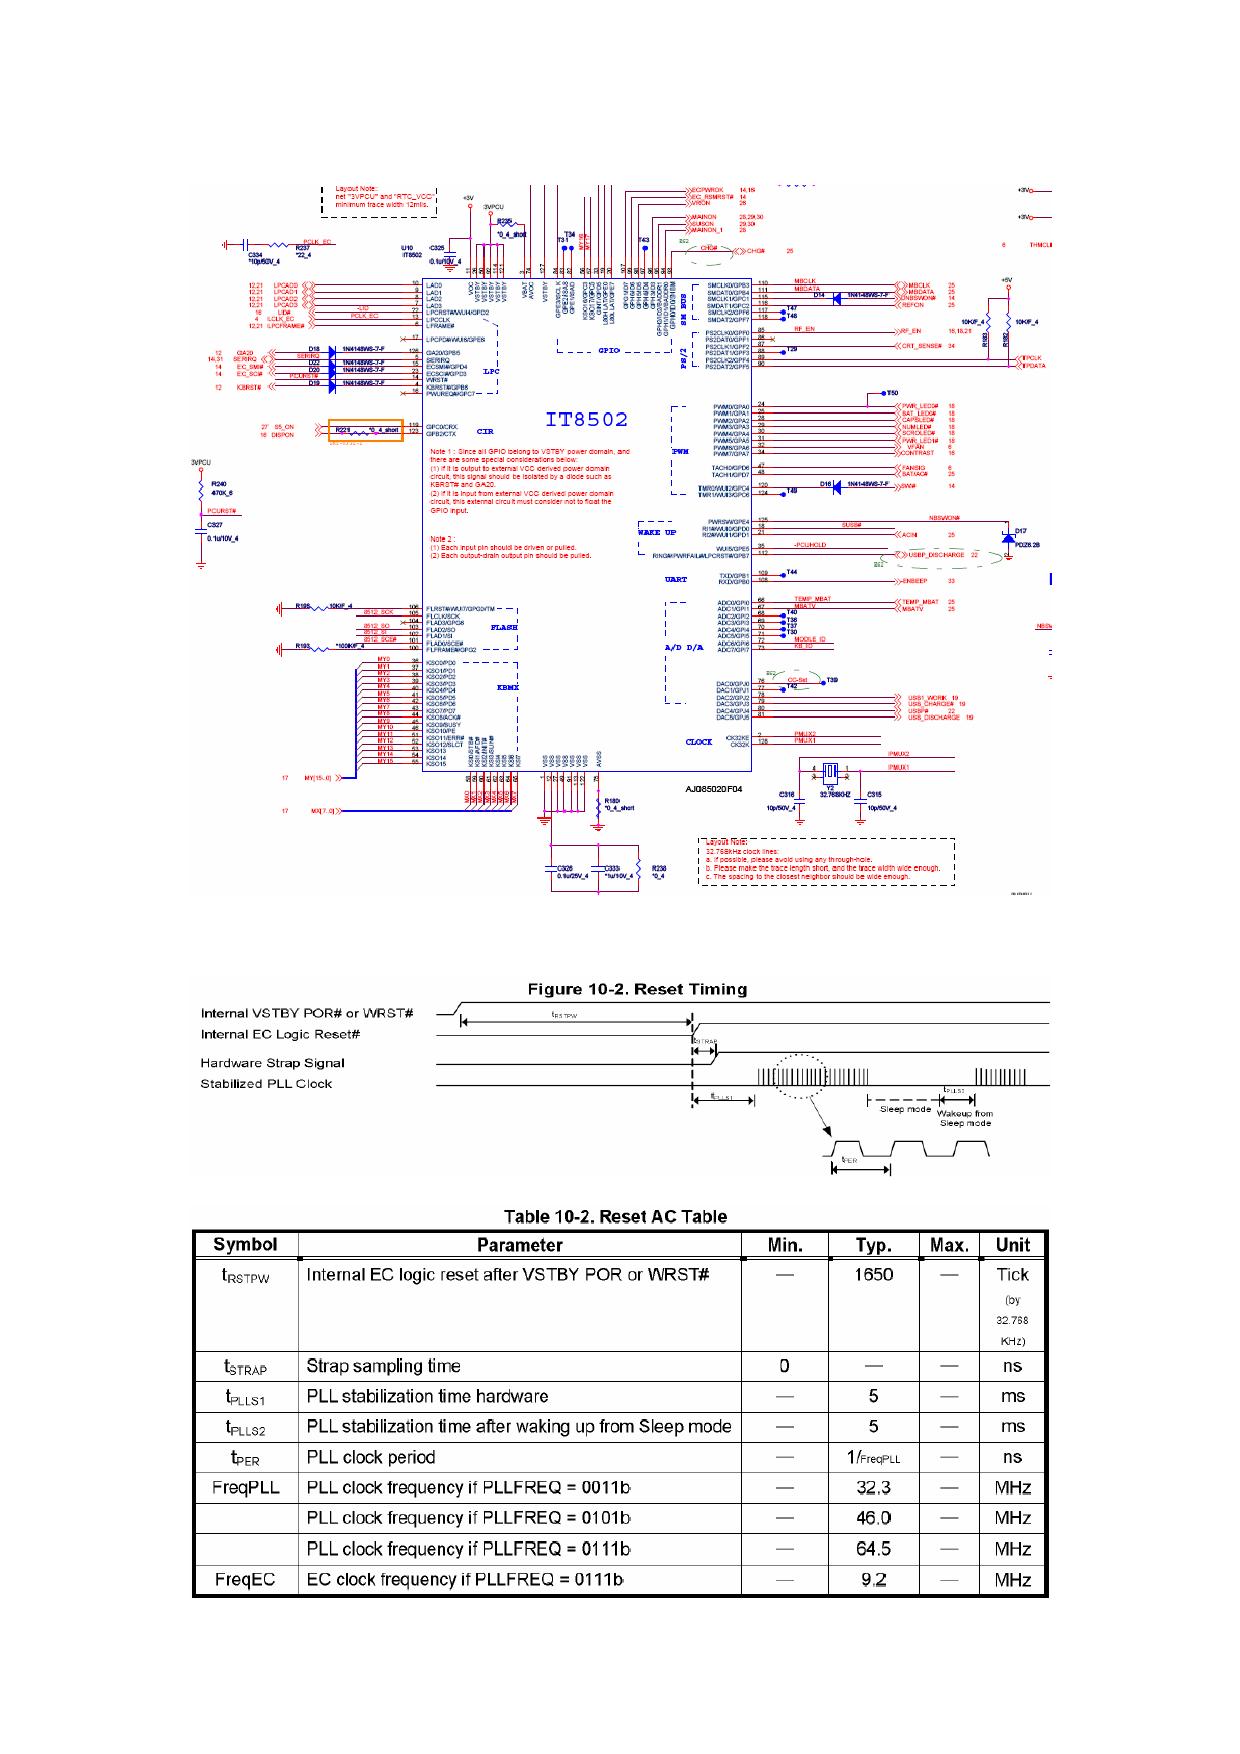 IT8502 datasheet image